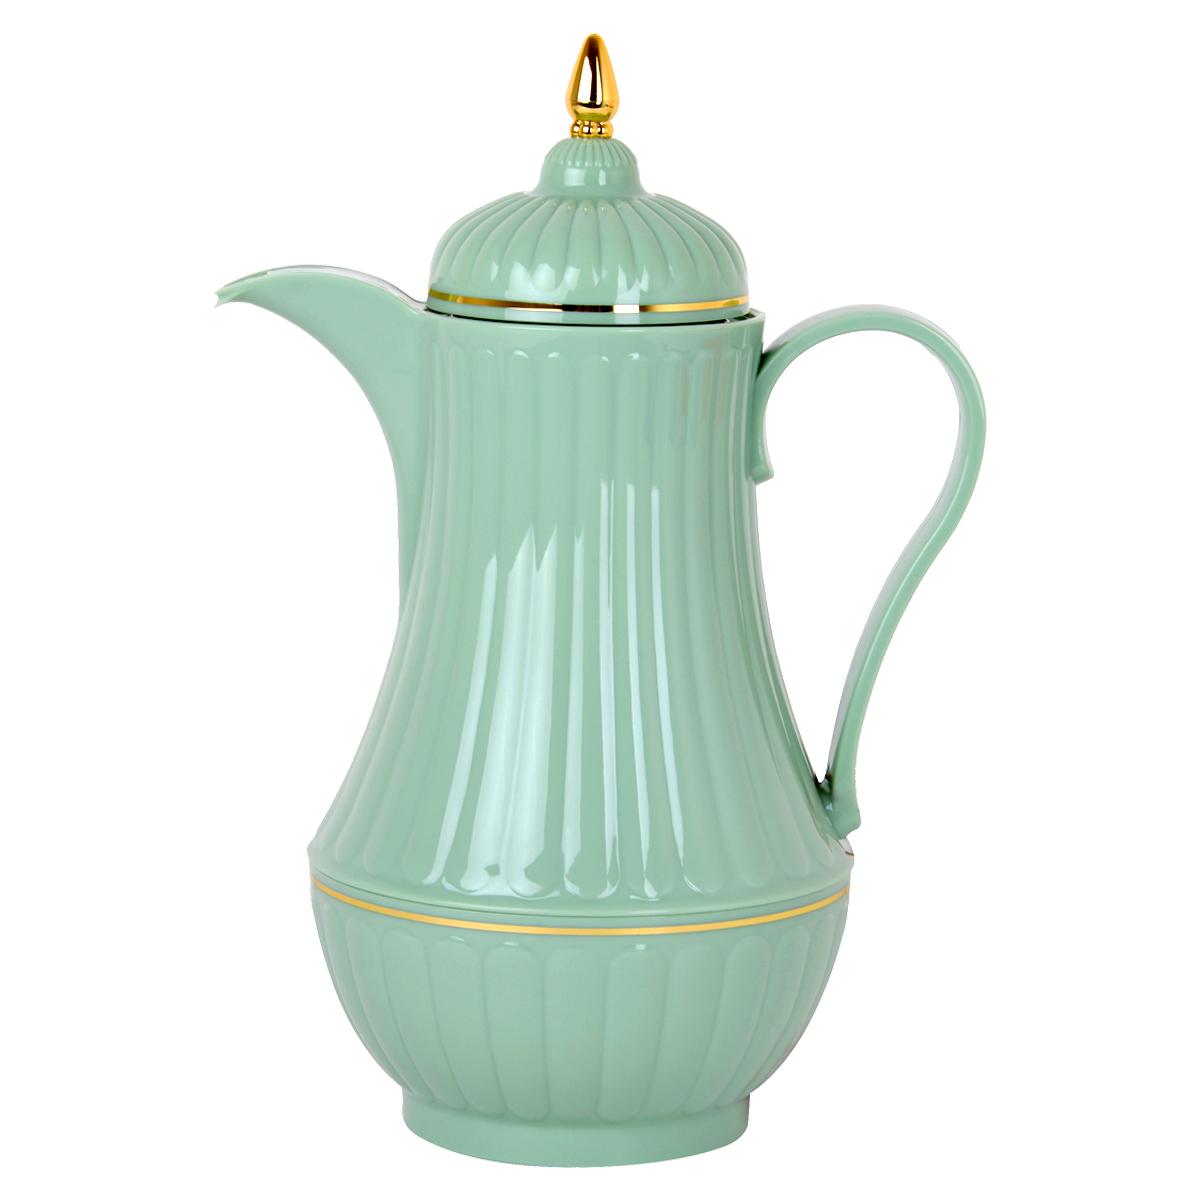 مور تايم , ترمس شاي وقهوة بلاستيك, 0.5 لتر,متعدد الالوان ,MY-30004